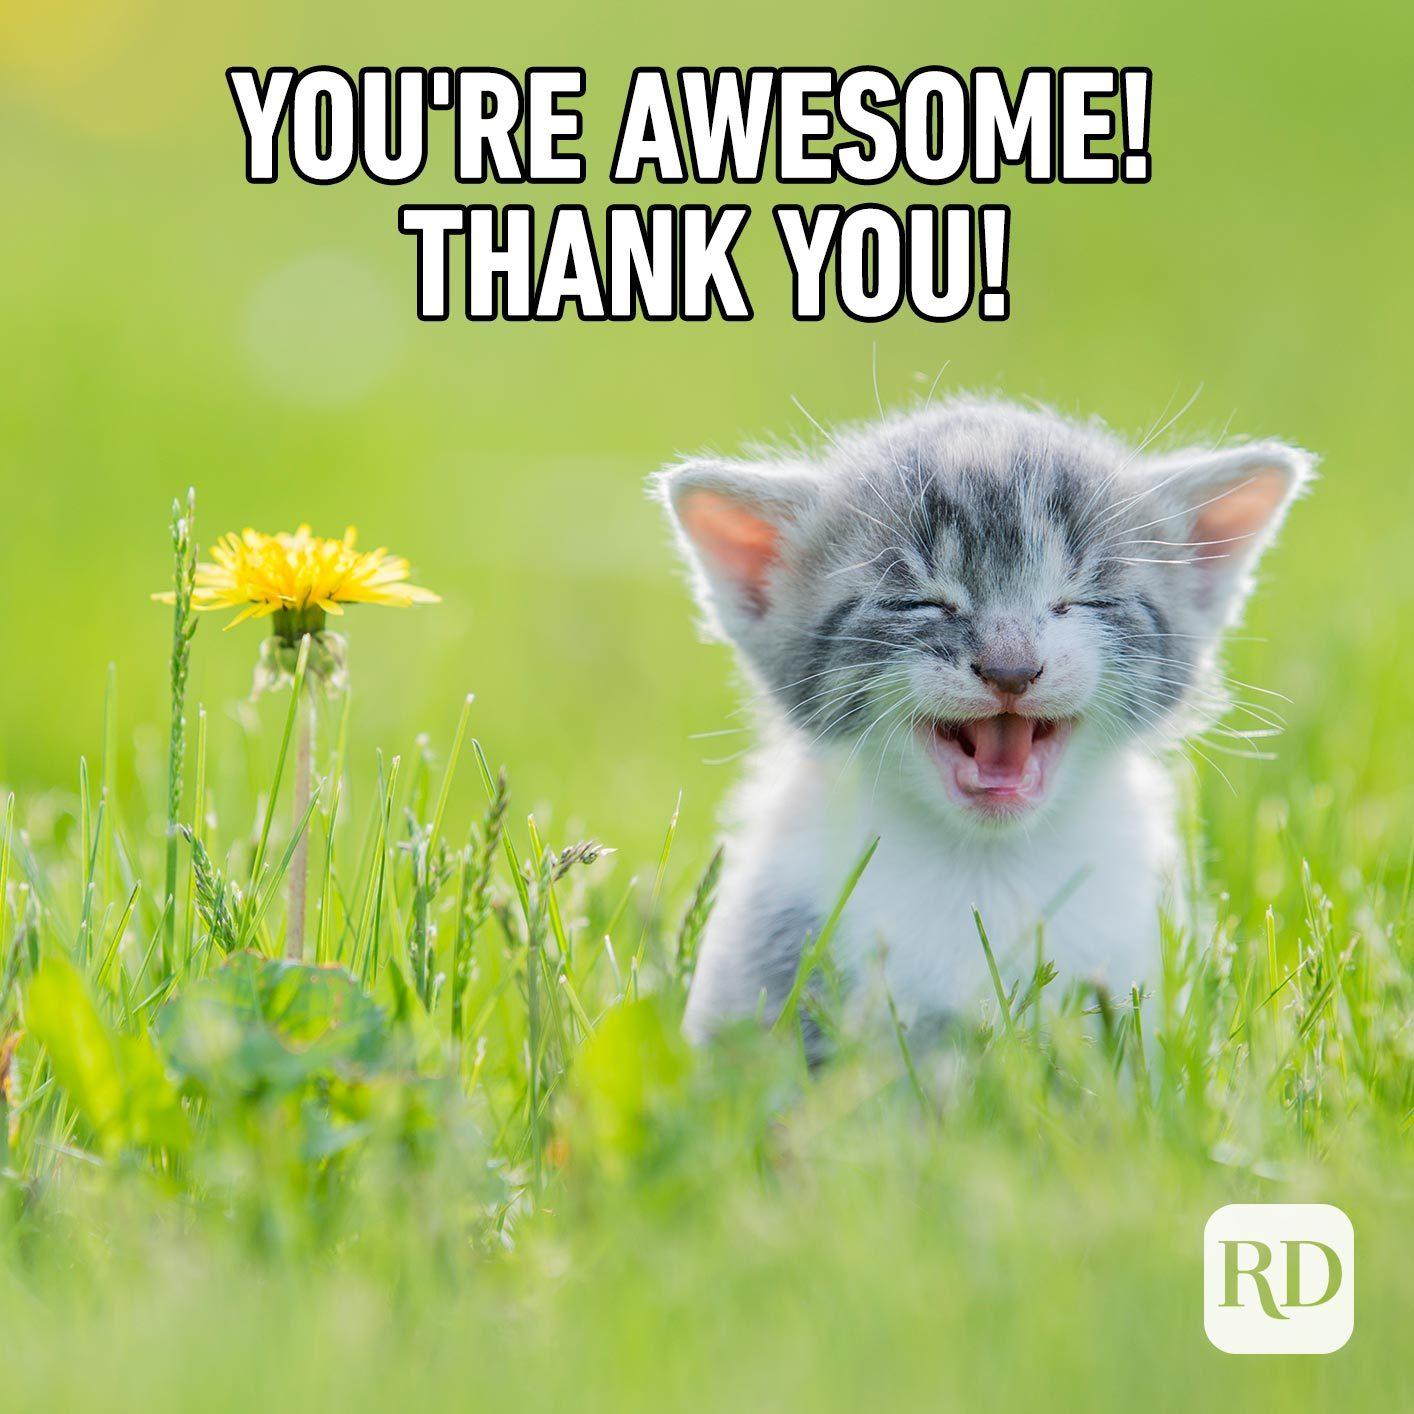 Kitten in garden. Meme text: Thank you!